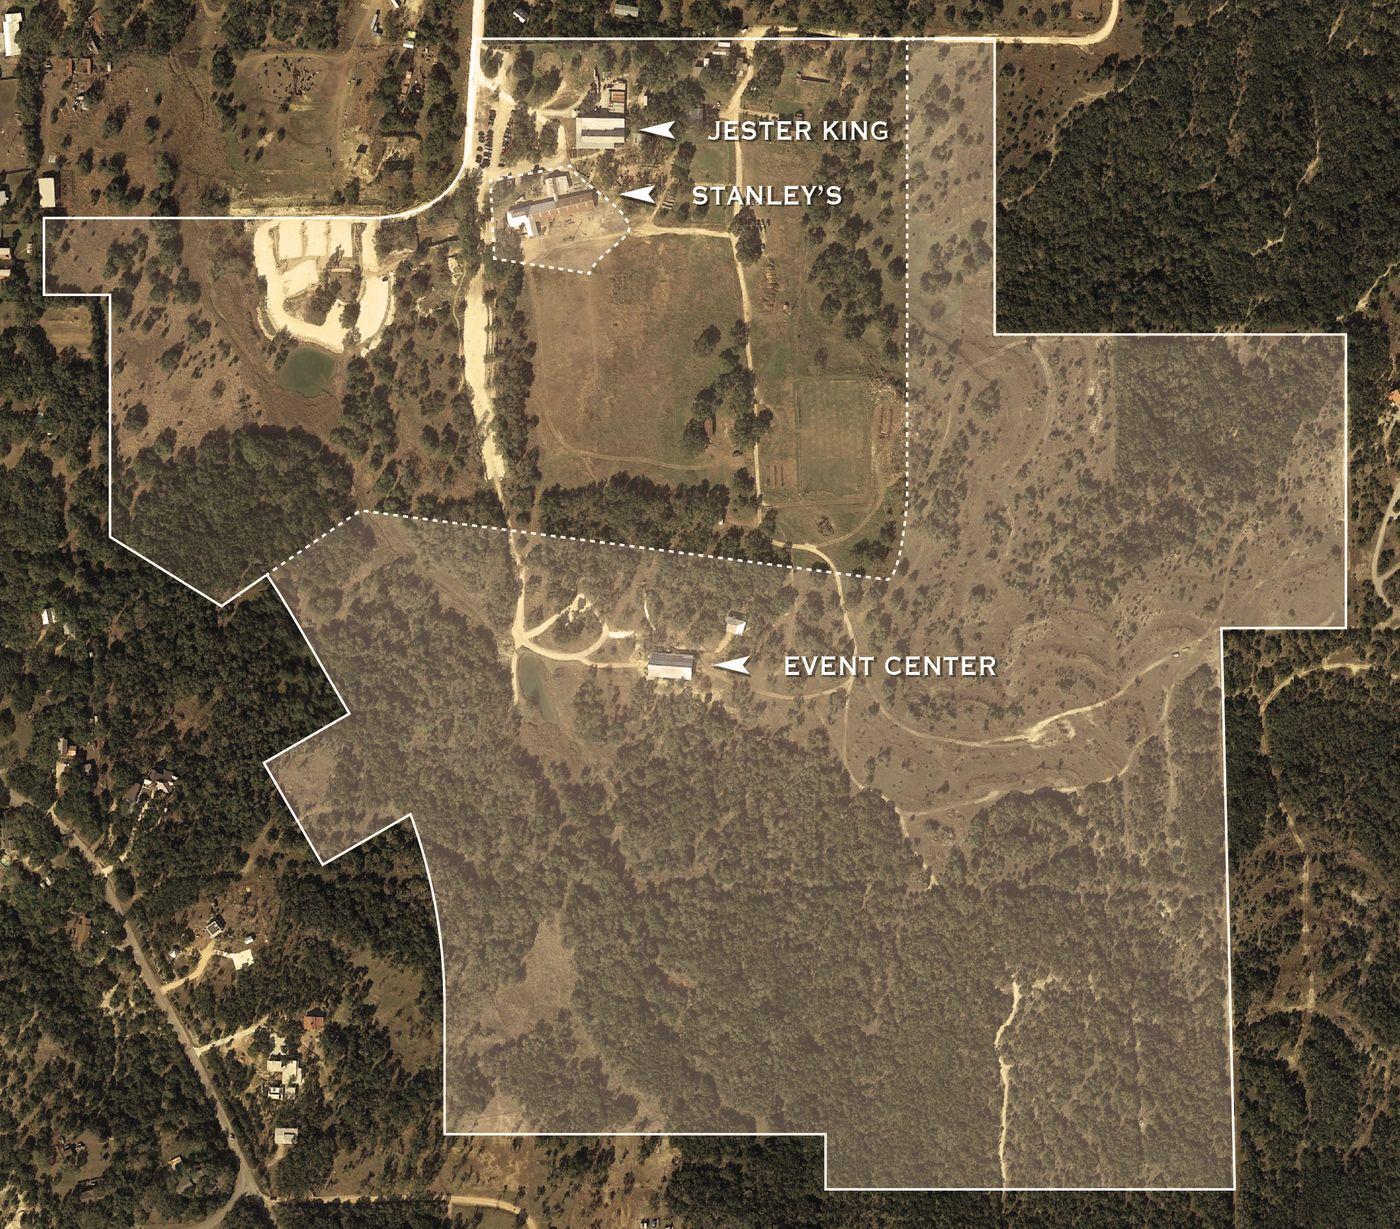 propertymap_v1.1.jpg